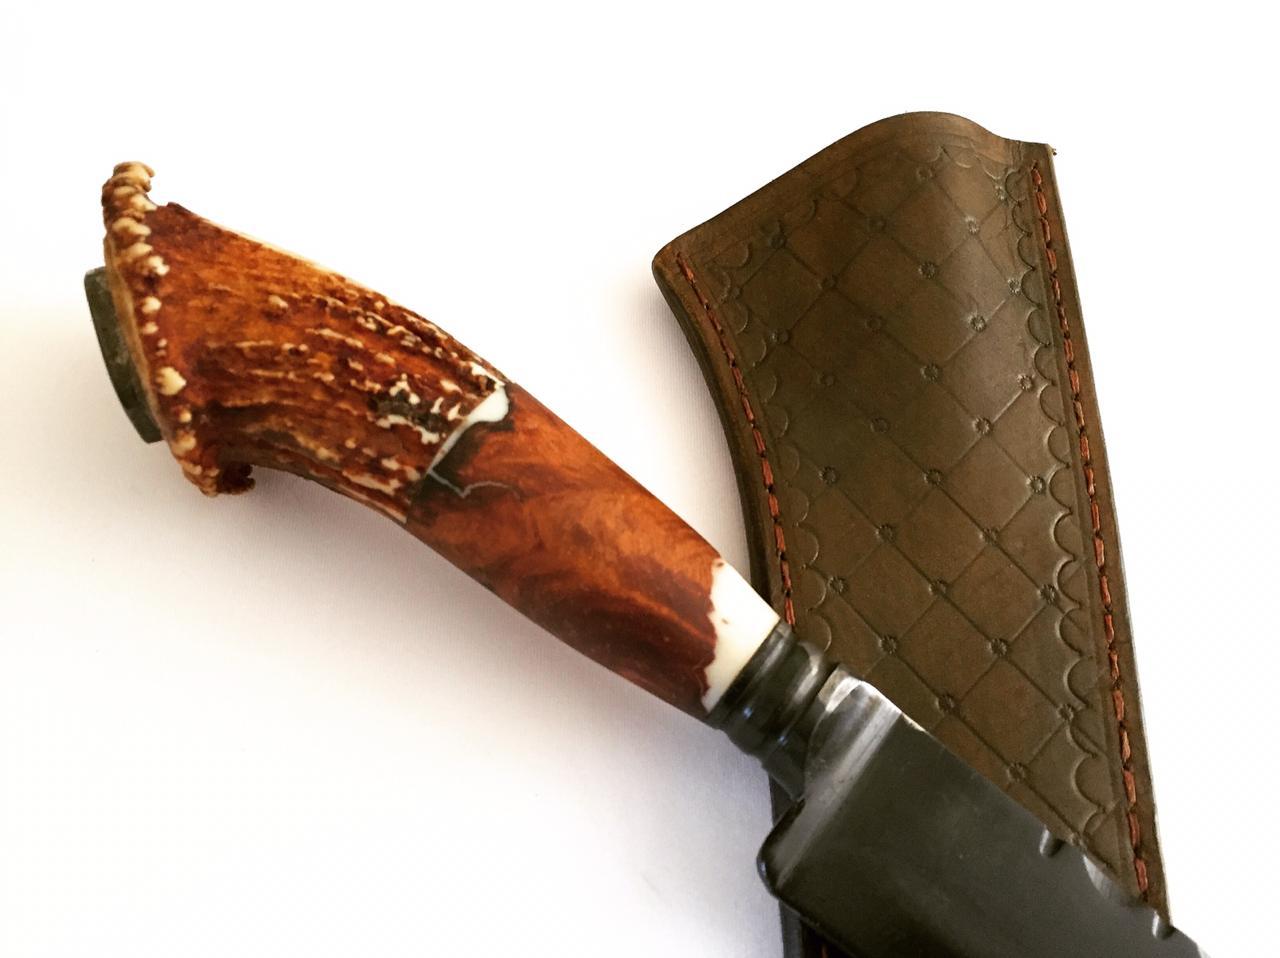 Faca artesanal forjada negra aço carbono  cabo cervo coroado 10 polegadas